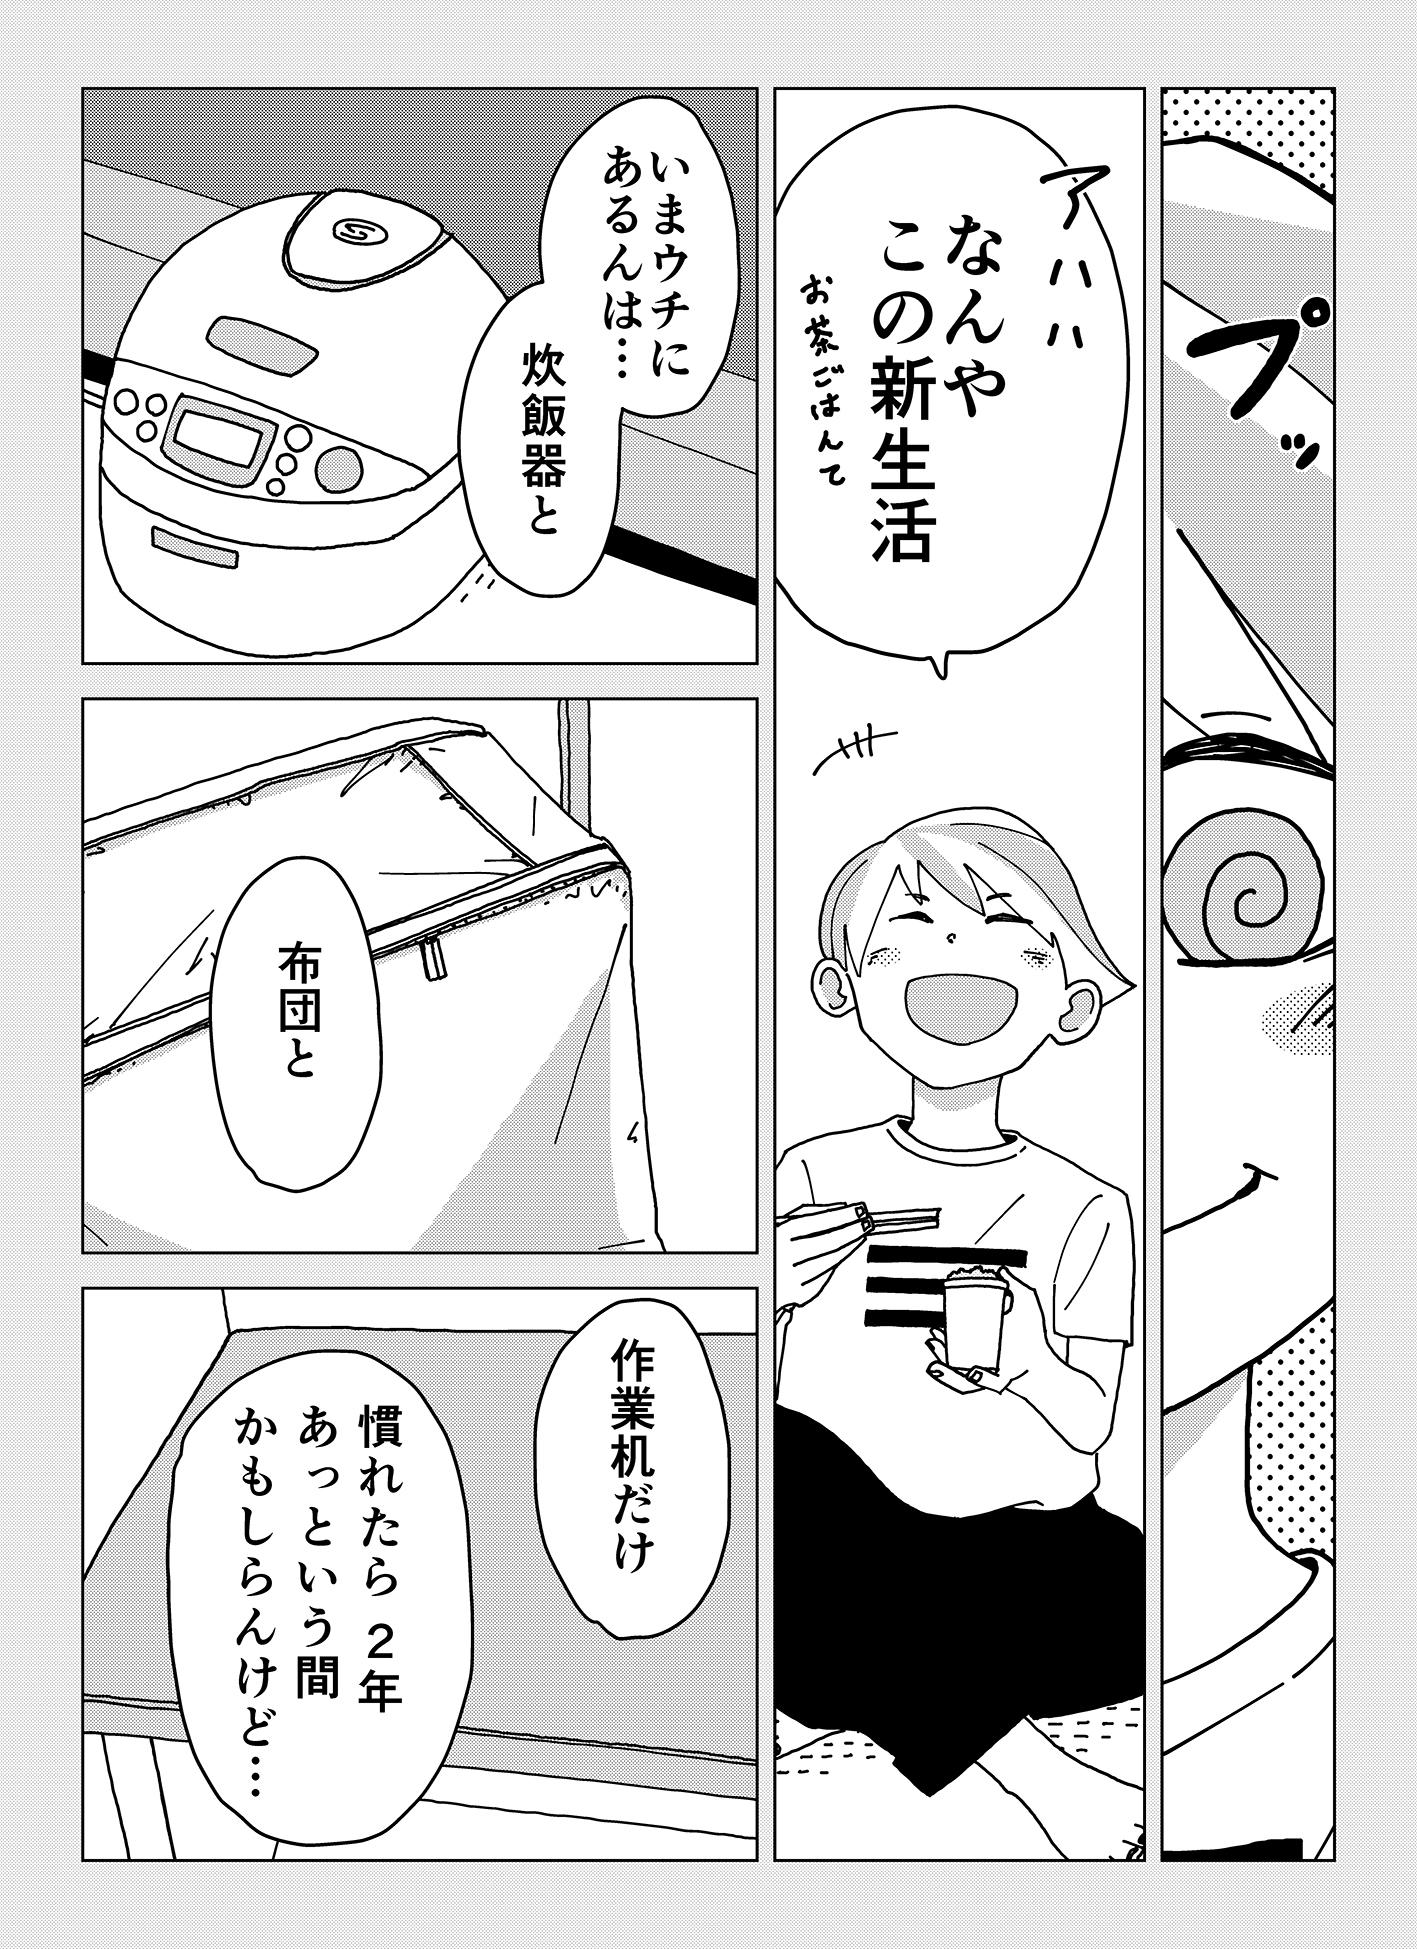 share_b_010